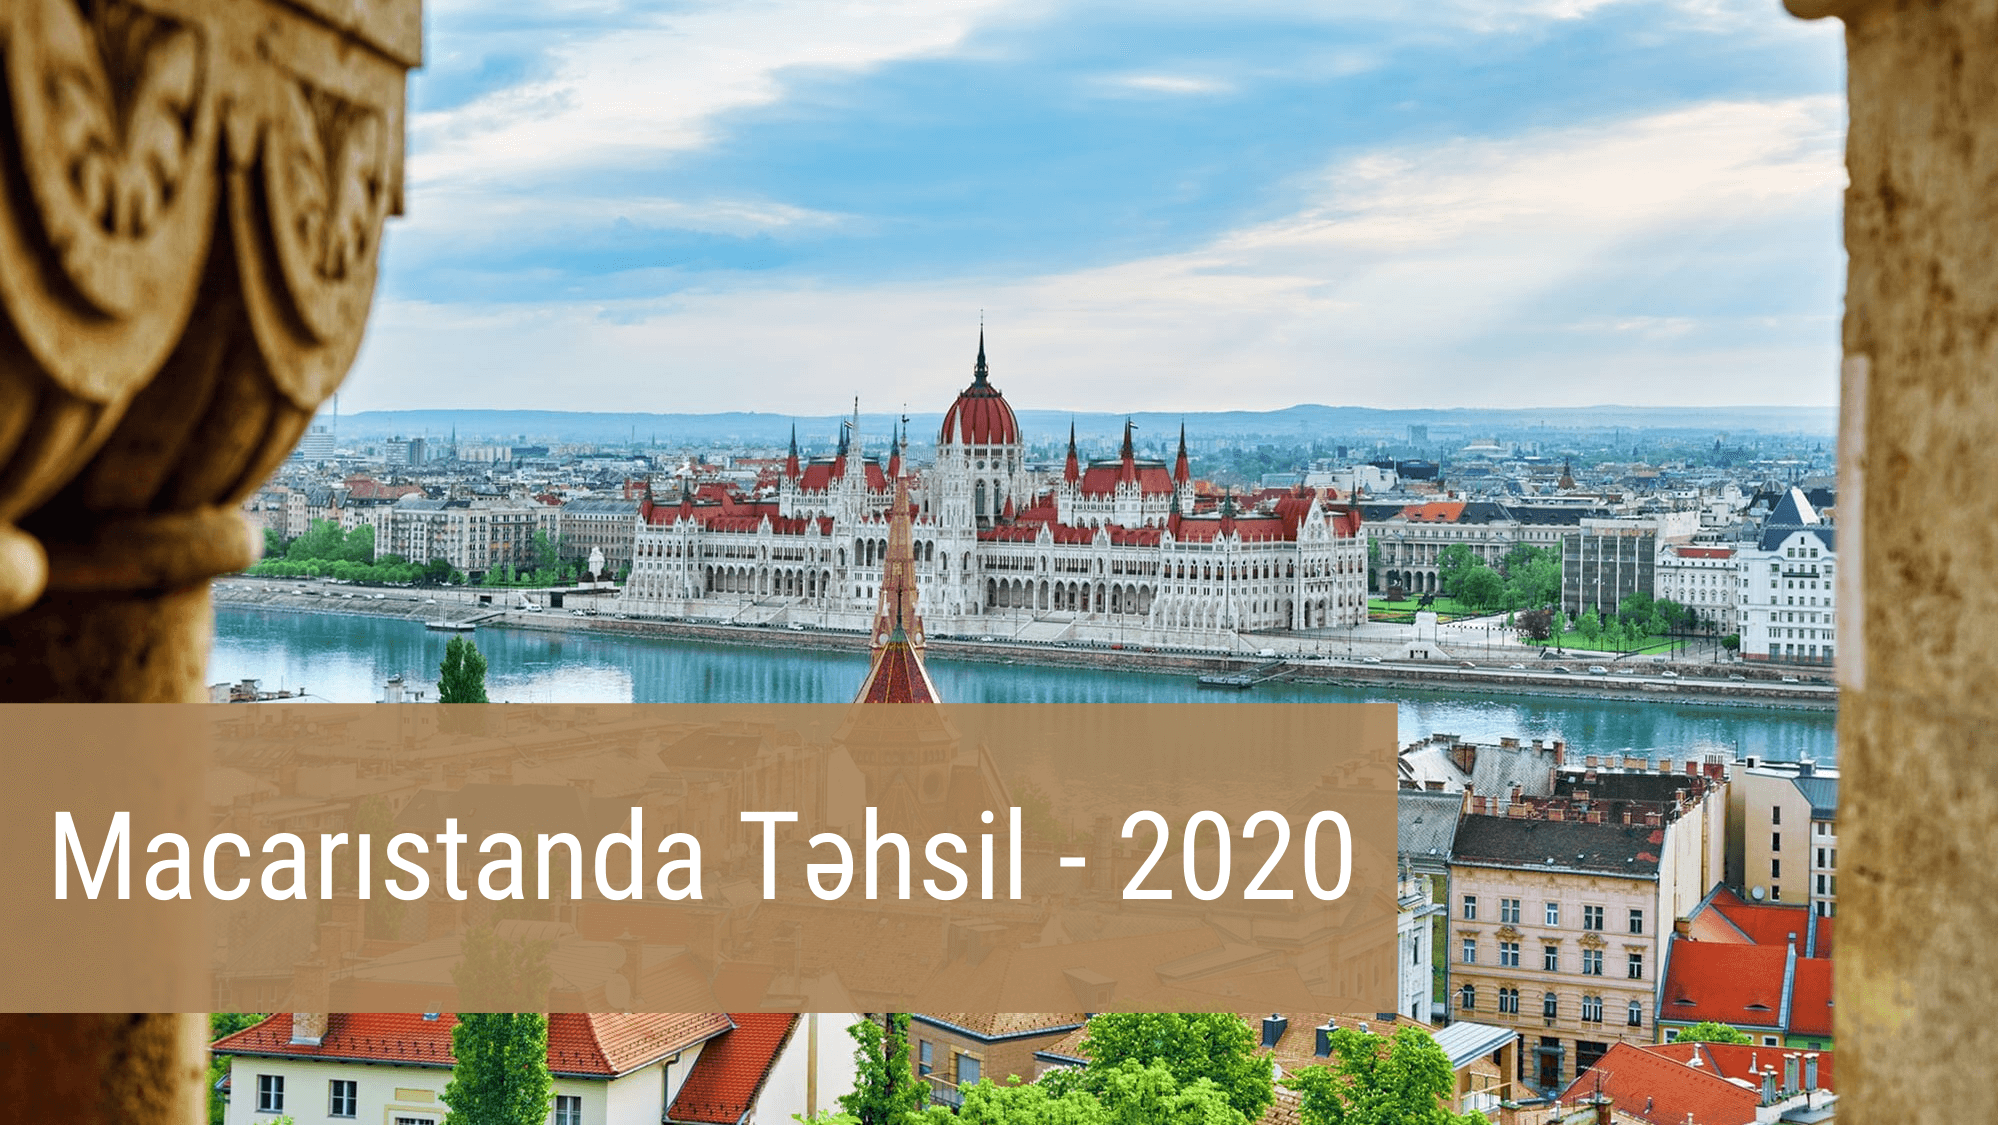 [YENİ - 2020] Macarıstanda Təhsil və İş İmkanları